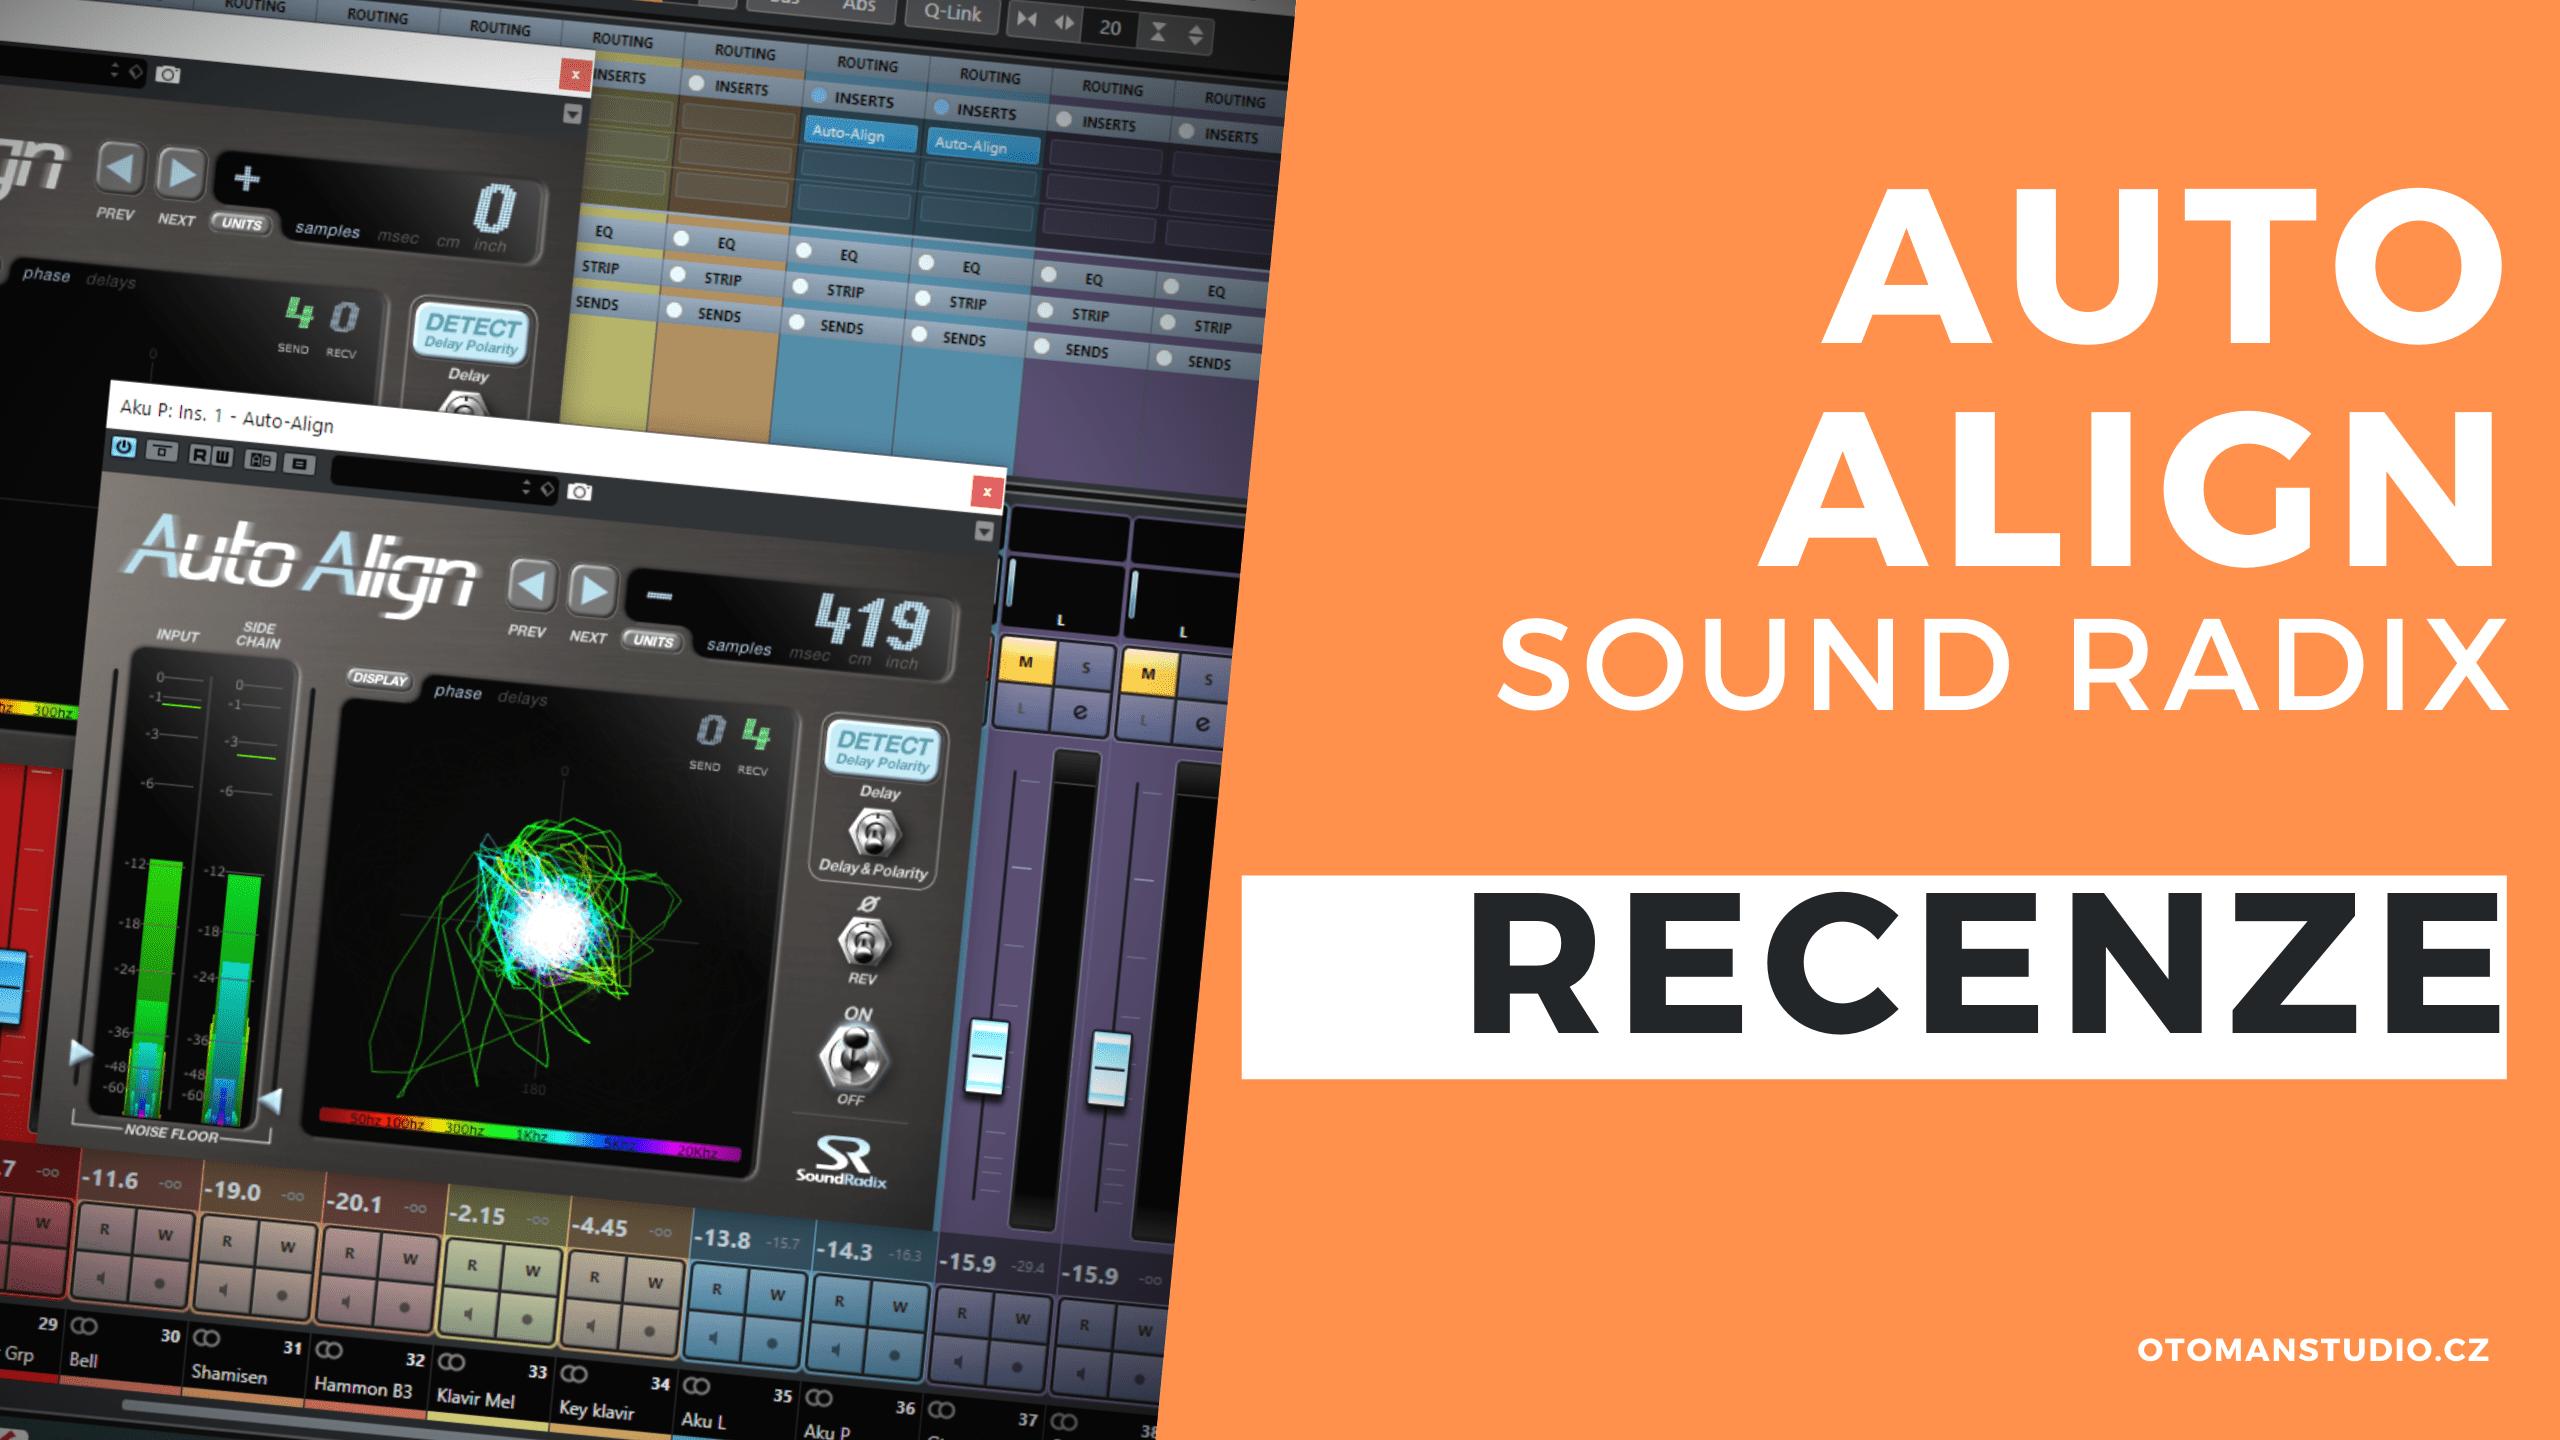 Sound Radix – Auto Align